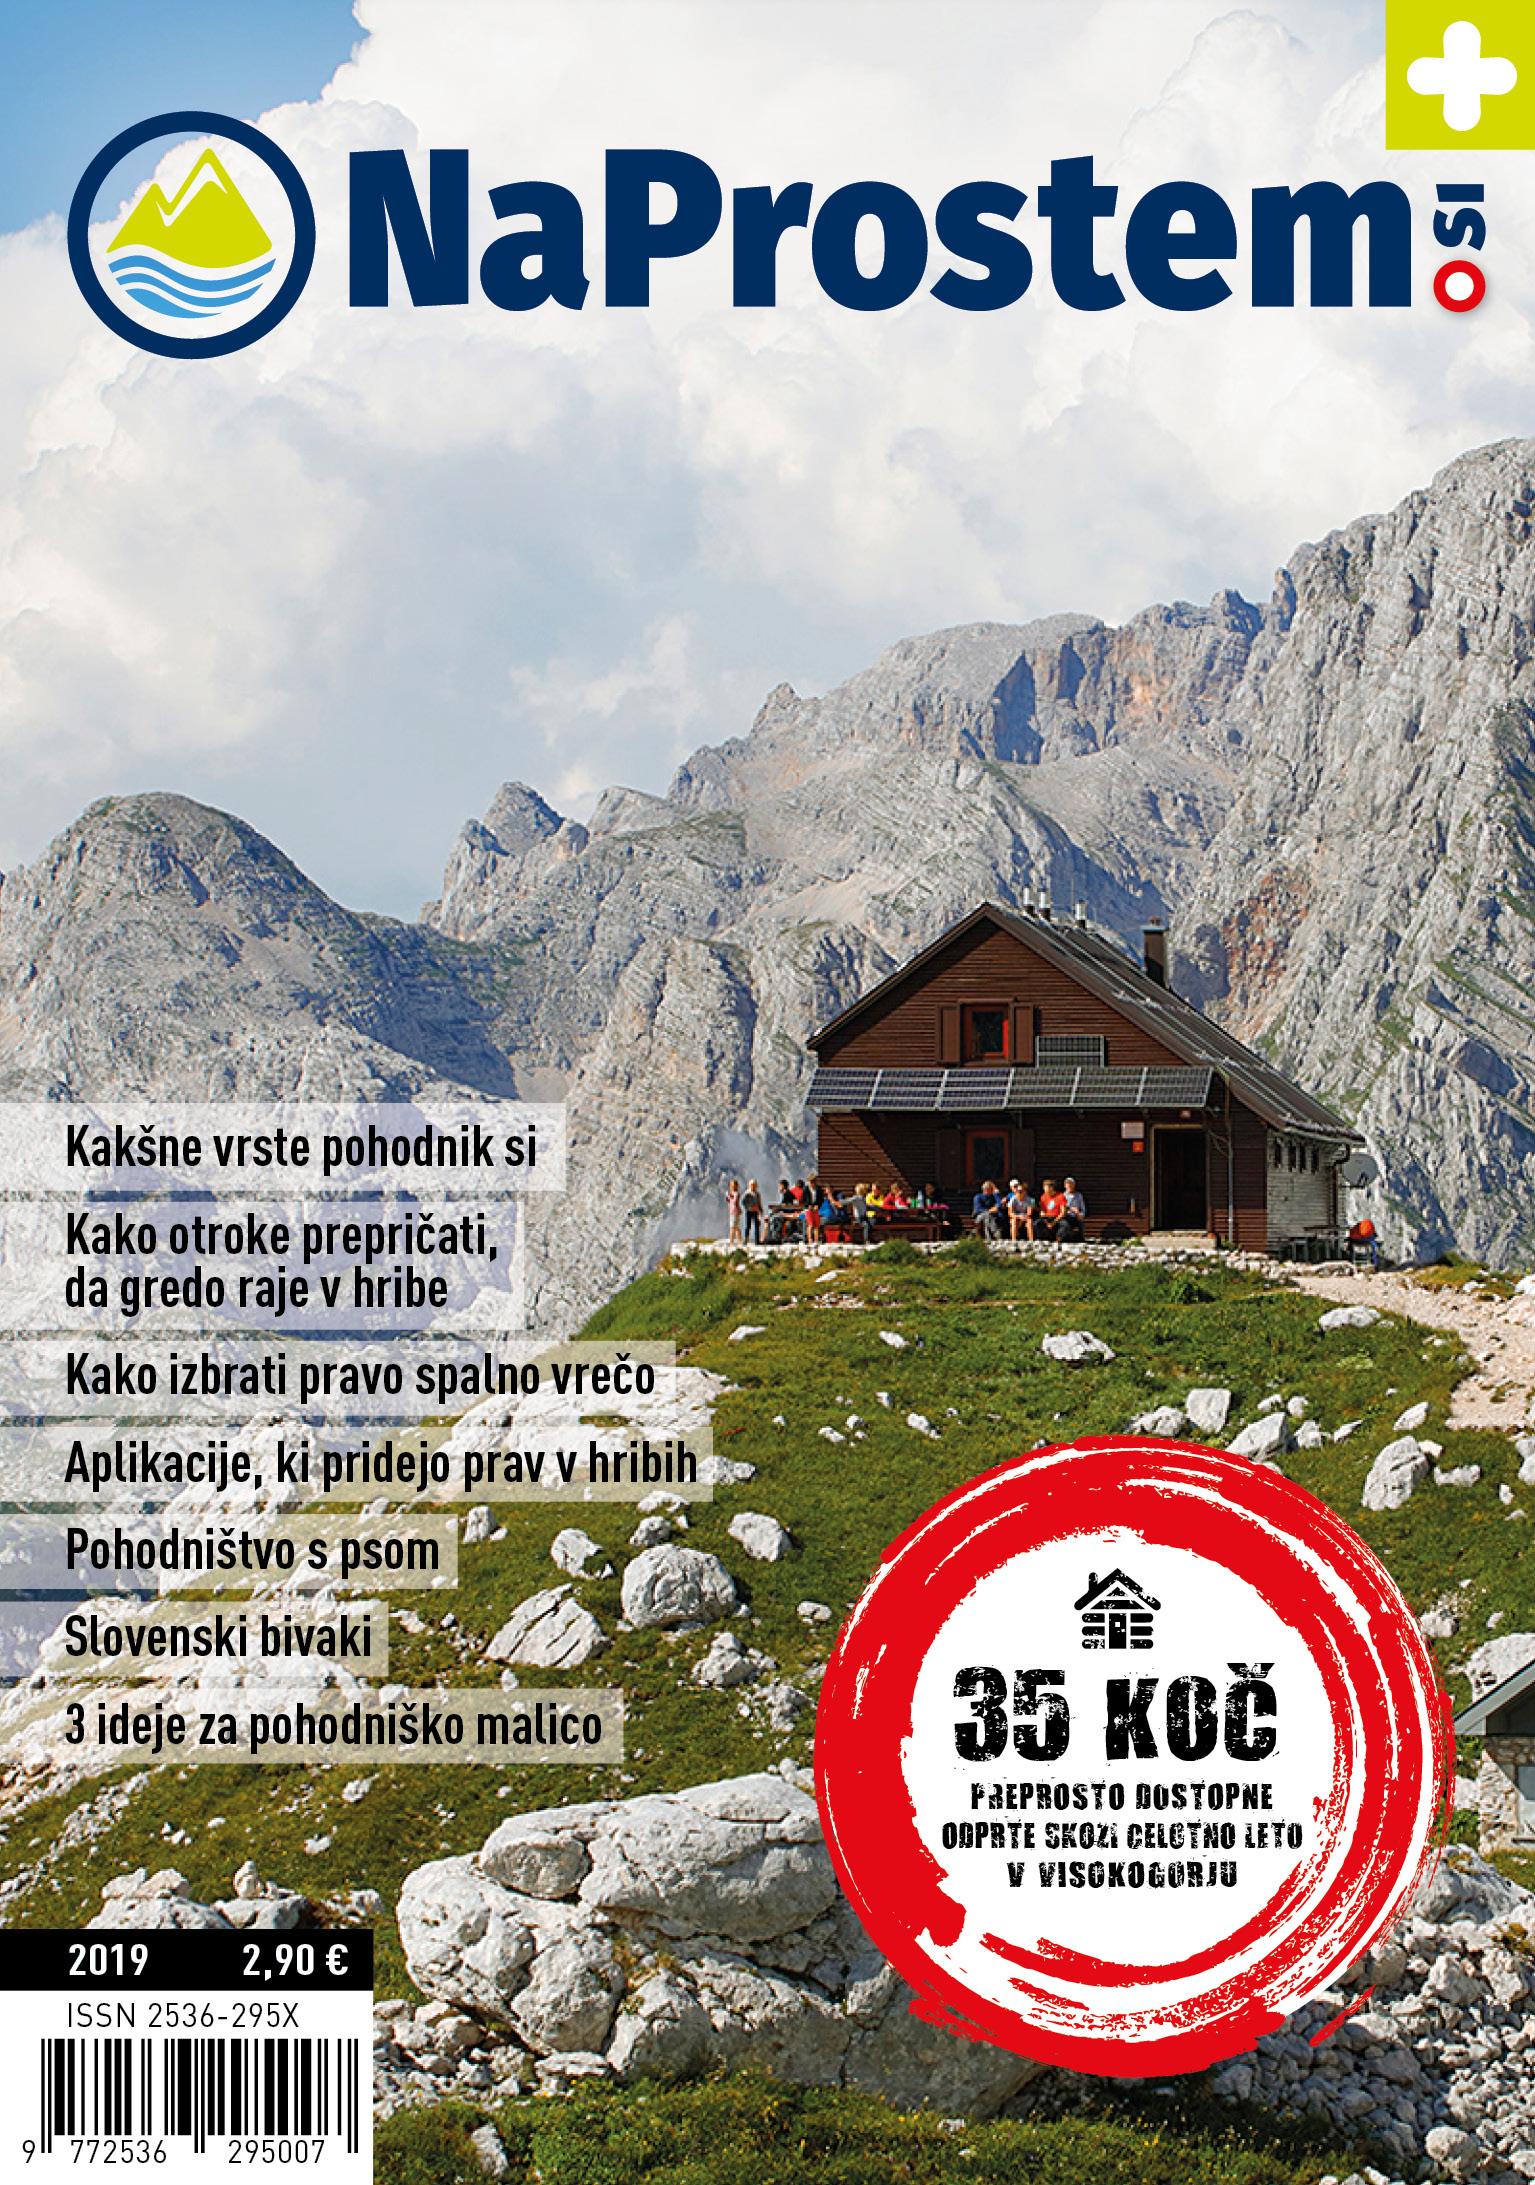 NaProstem.si plus: Vsak planinec lahko pripomore k vzdrževanju planinskih poti